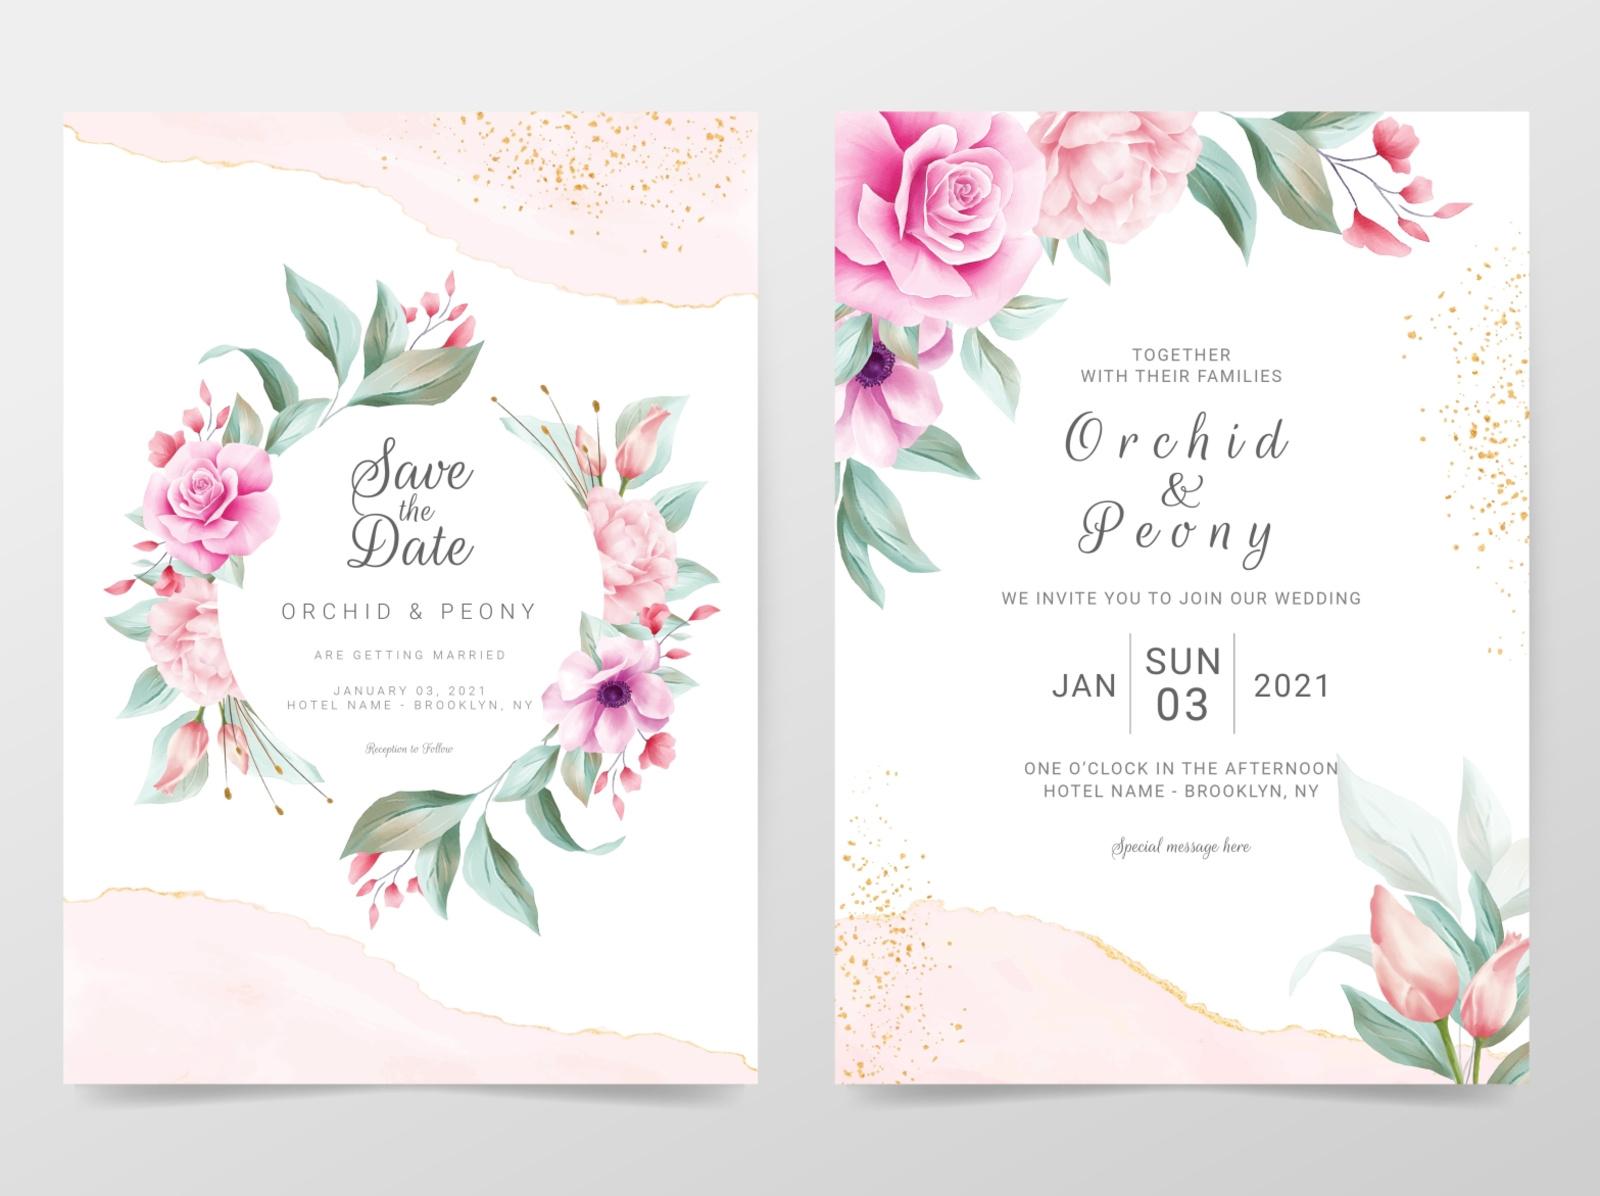 Desain Undangan Pernikahan Unik Cdr